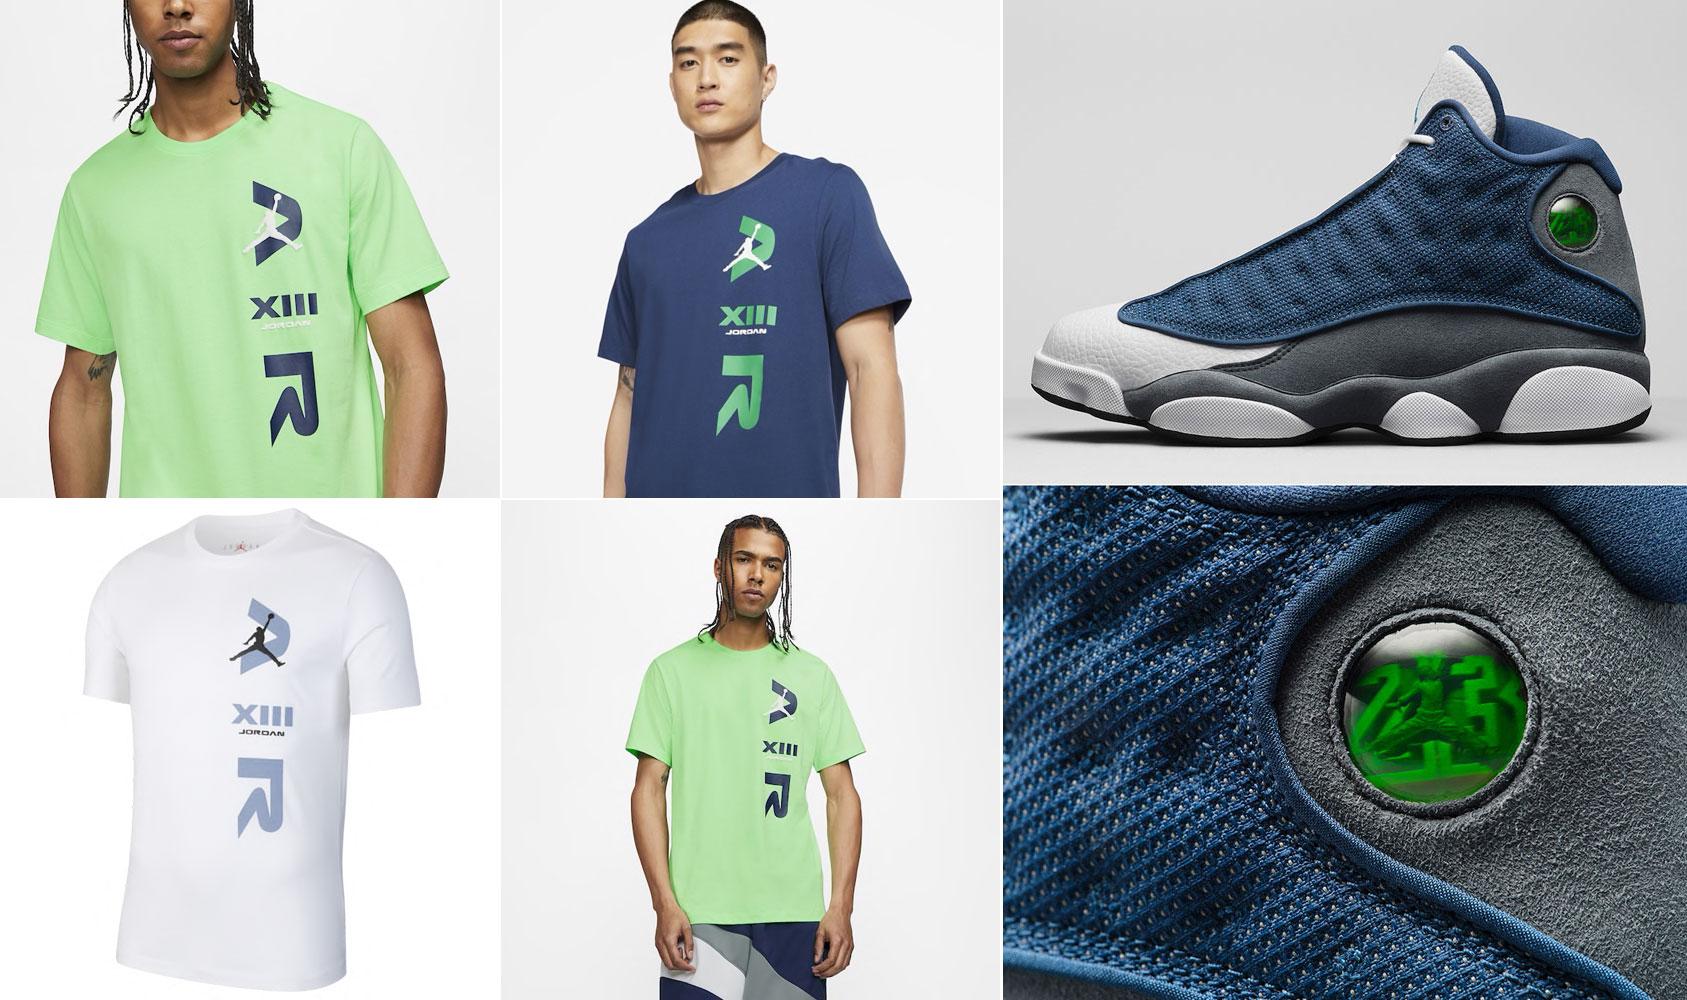 flint-jordan-13-2020-shirt